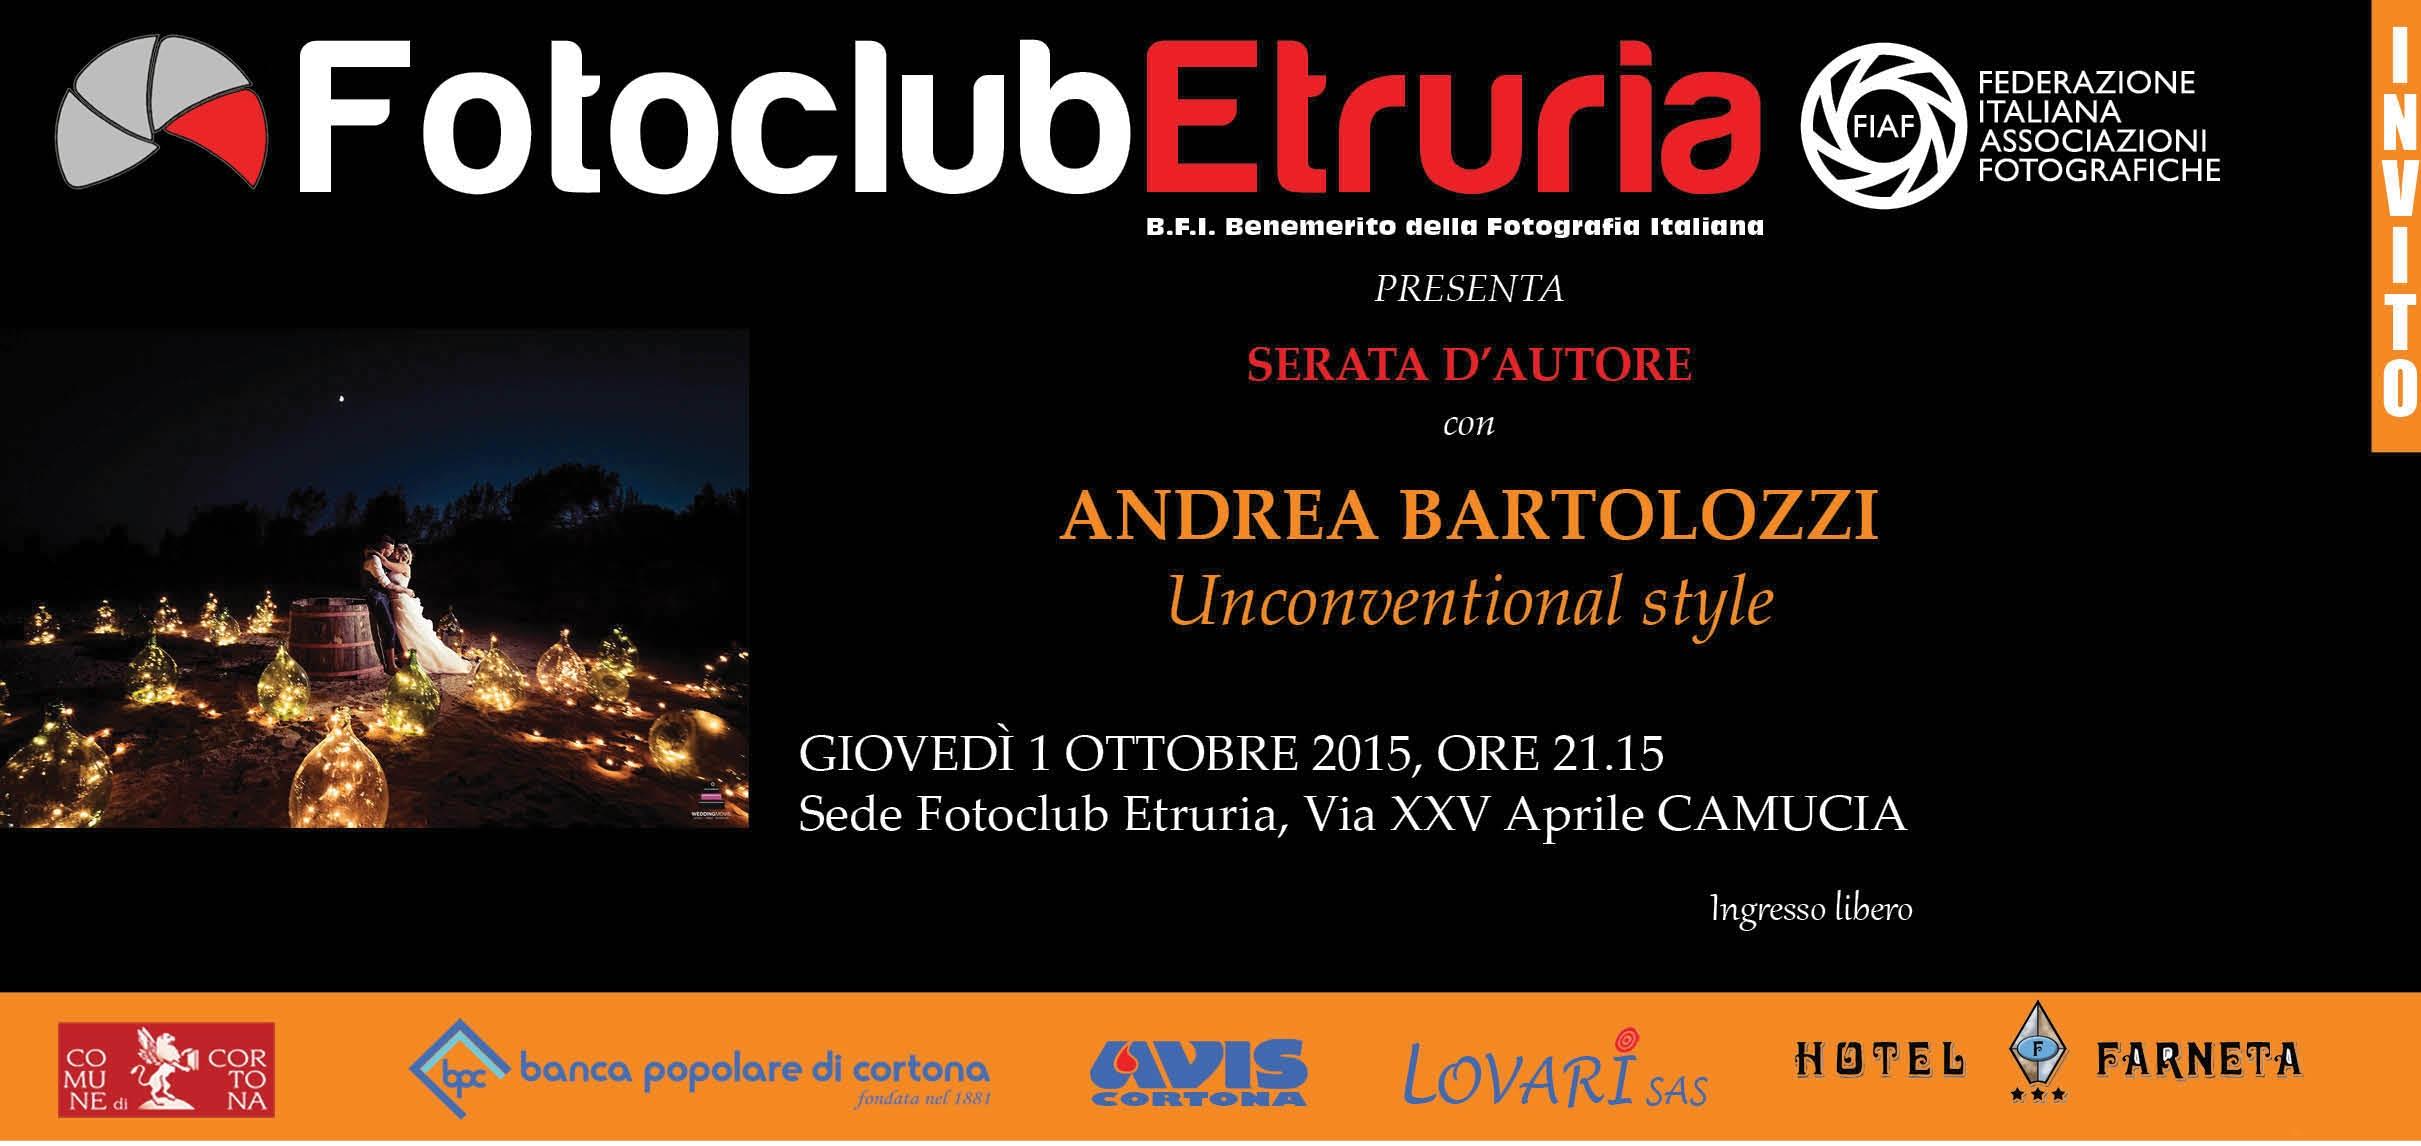 Incontro col fotografo Andrea Bartolozzi promosso dal Fotoclub Etruria